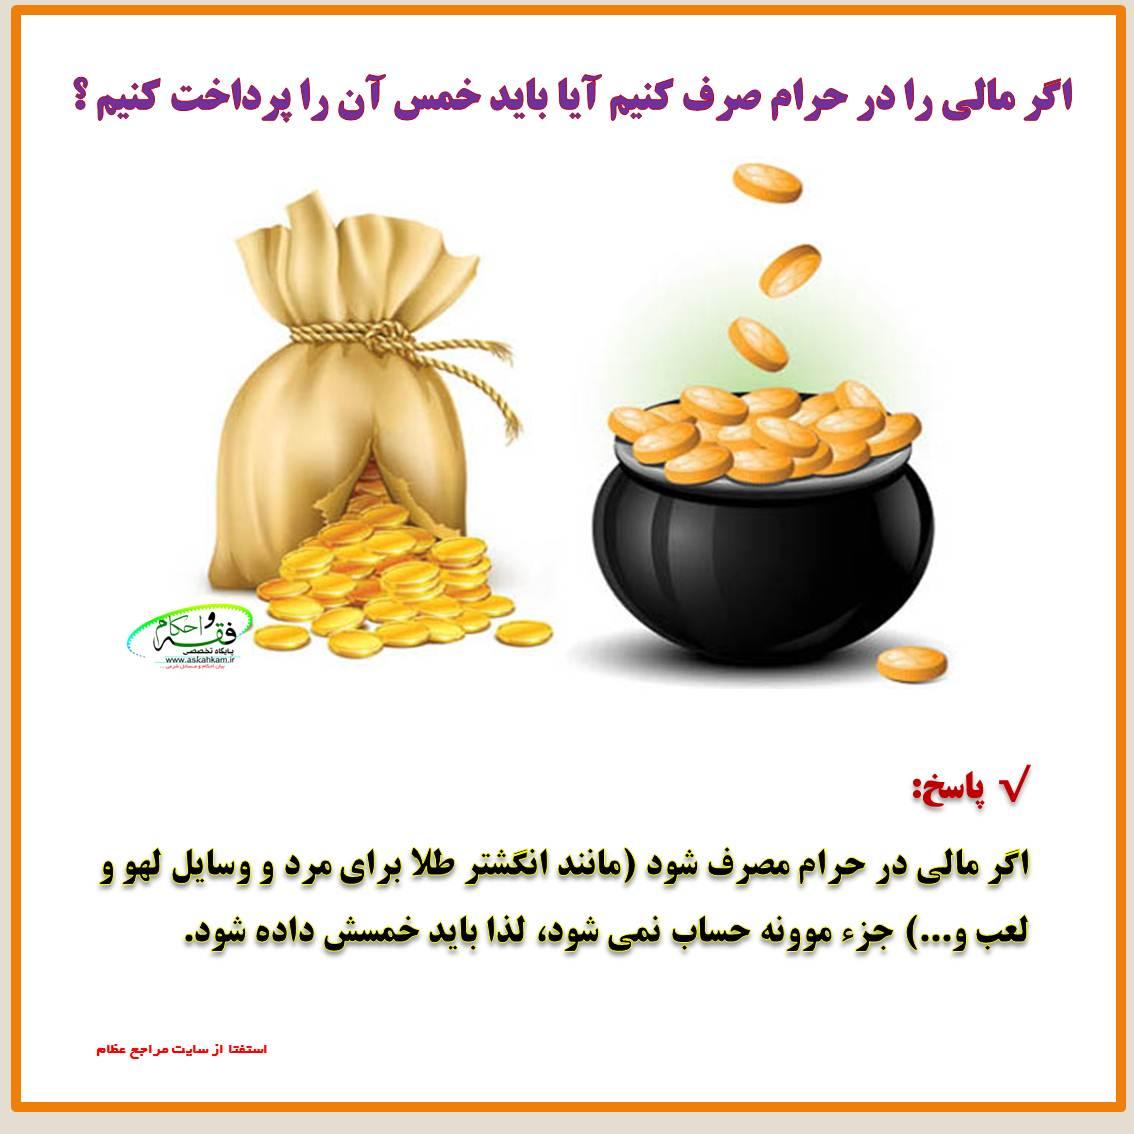 اگر مالی را در حرام صرف کنیم آیا باید خمش آن را پرداخت کنیم ؟